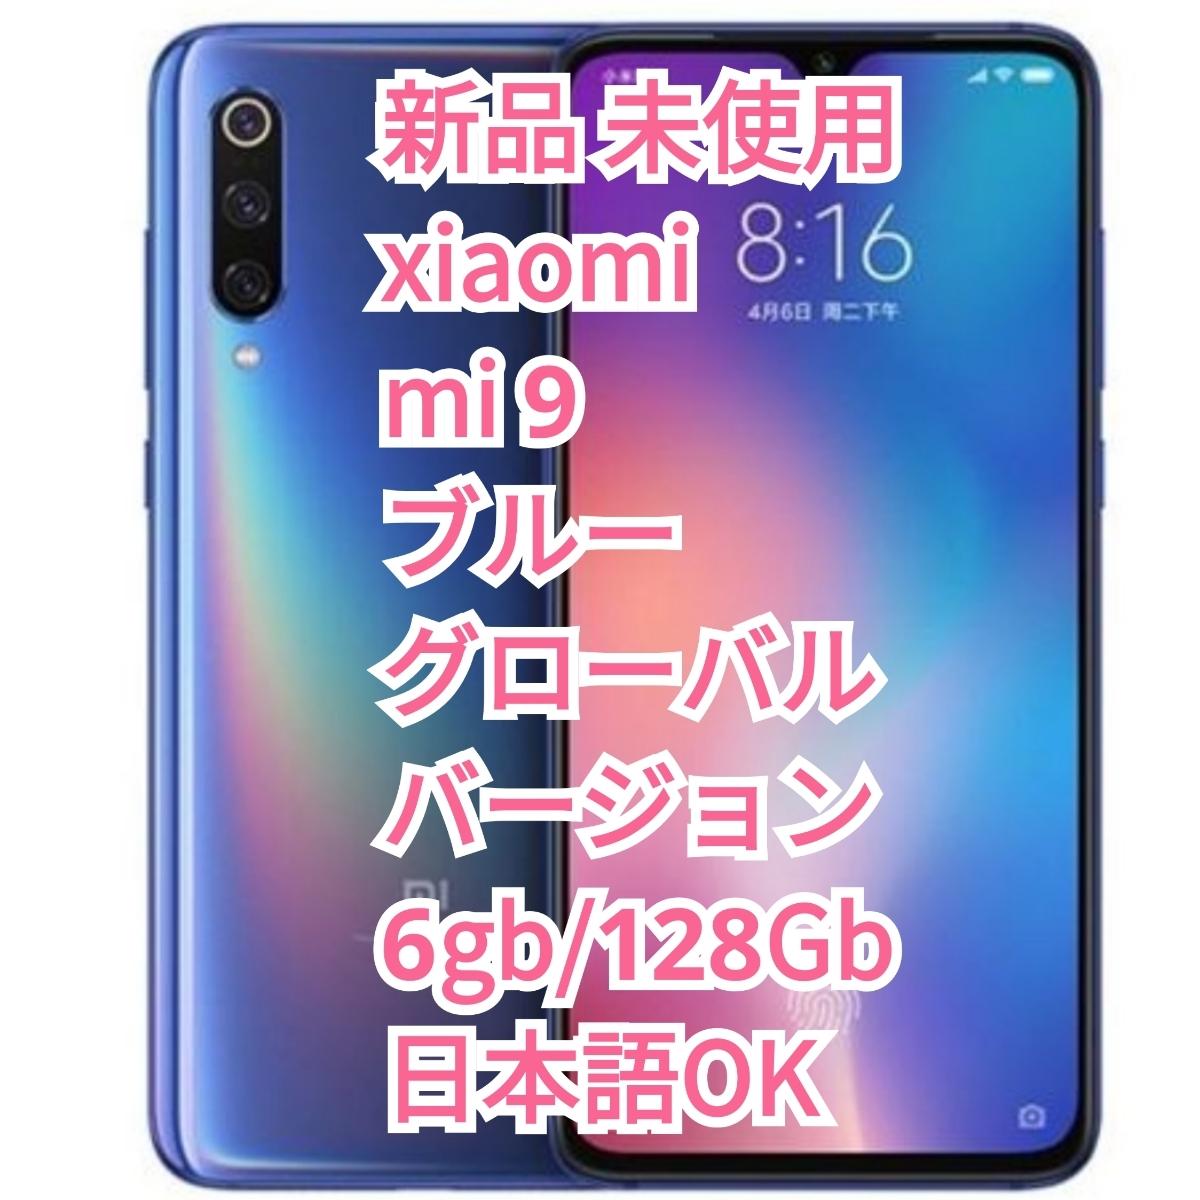 ★新品未使用★Xiaomi mi9 公式グローバルバージョン ブルー SIMフリー 日本語対応 ハイスペック Snapdragon 855 6GB/128GB_画像4